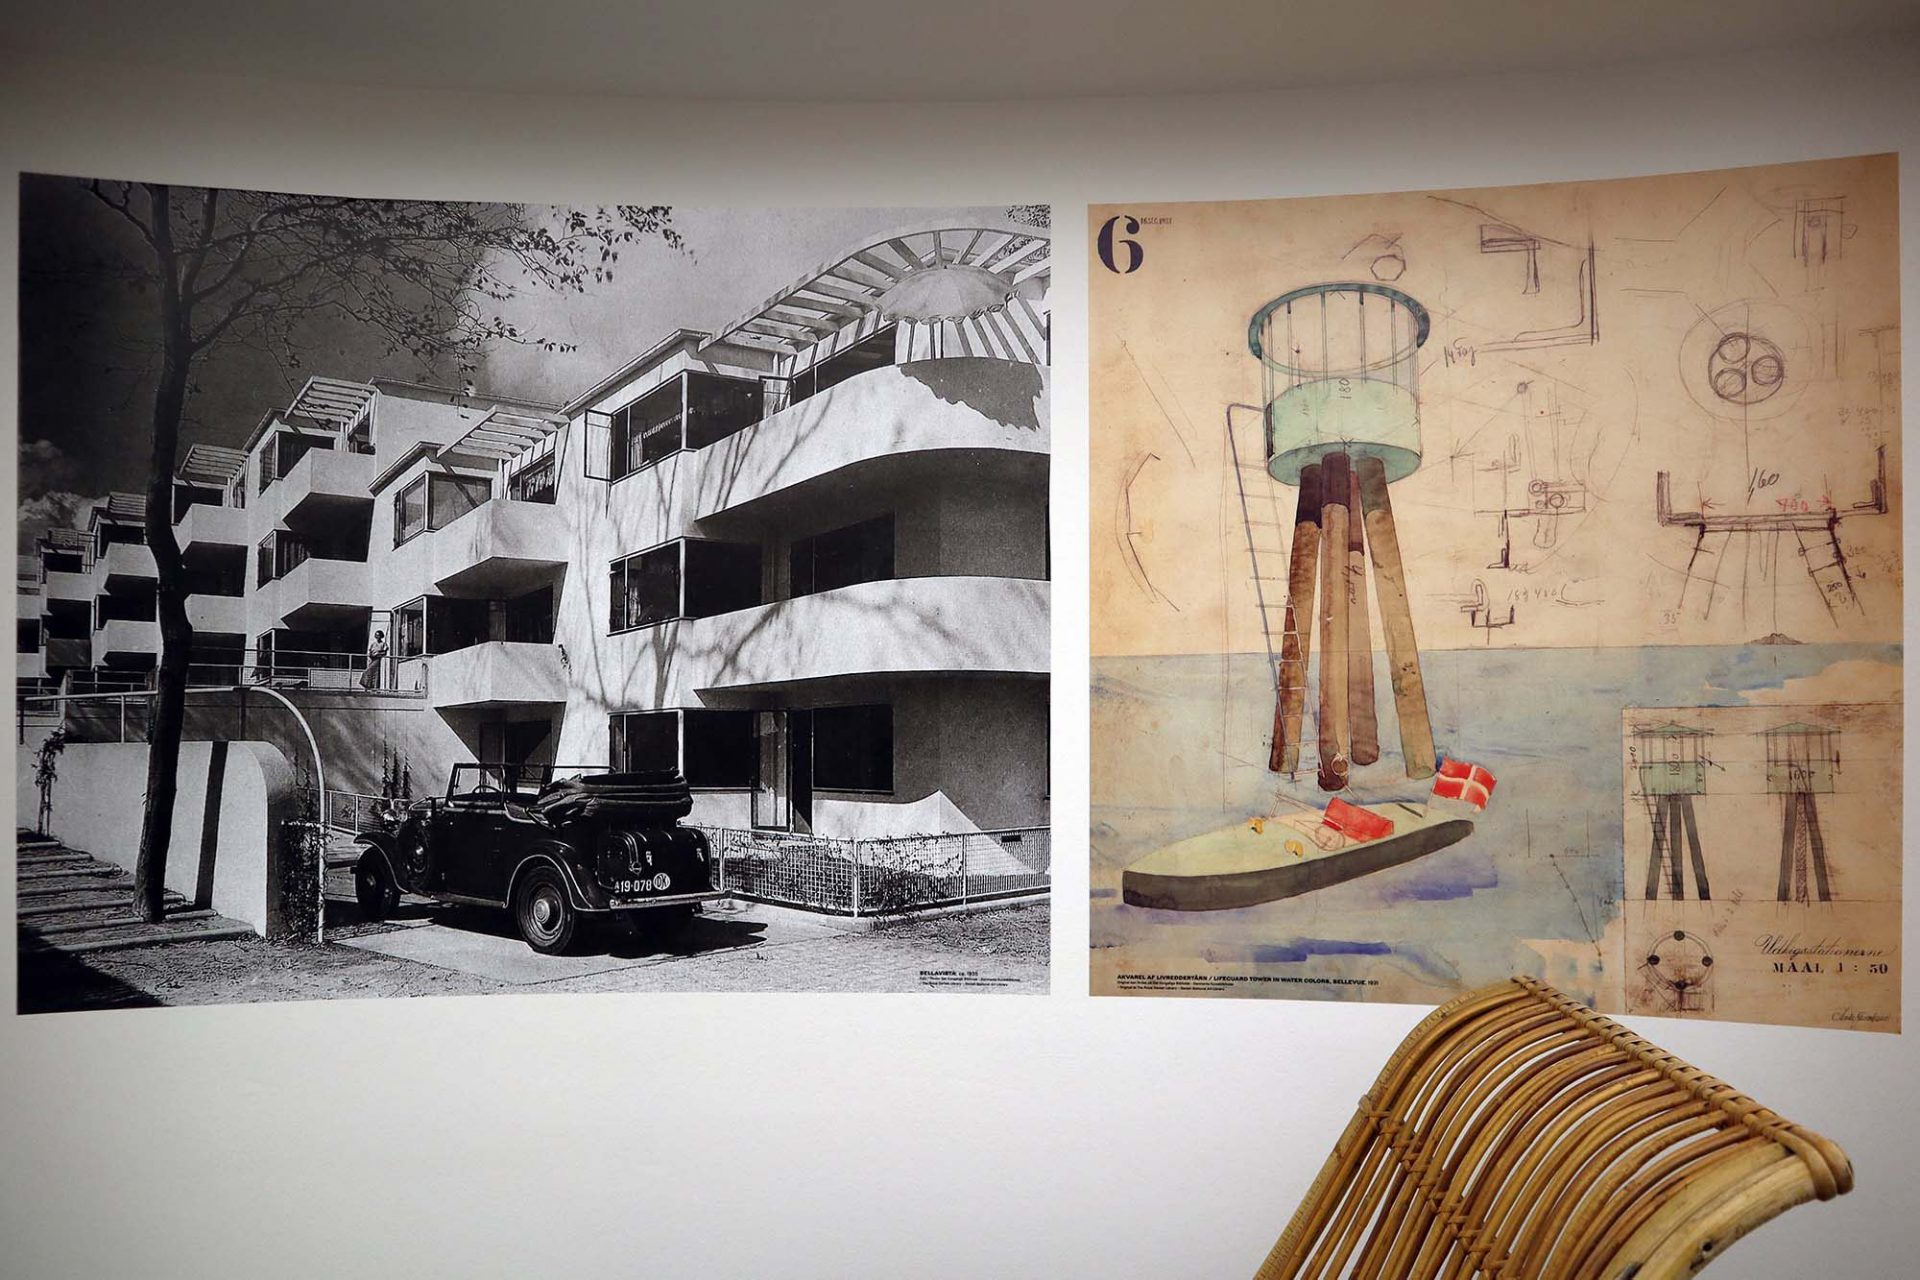 Ästhetik. Das erste Großprojekt von Arne Jacobsen war die Gestaltung des Bellevue Standbads und der Bellavista Wohnanlage. Hier lieferte er Entwürfe für die Architektur, die Innenarchitektur und die gesamte Strandanlage. Zu sehen sind die Bilder im Design Museum von Kopenhagen.